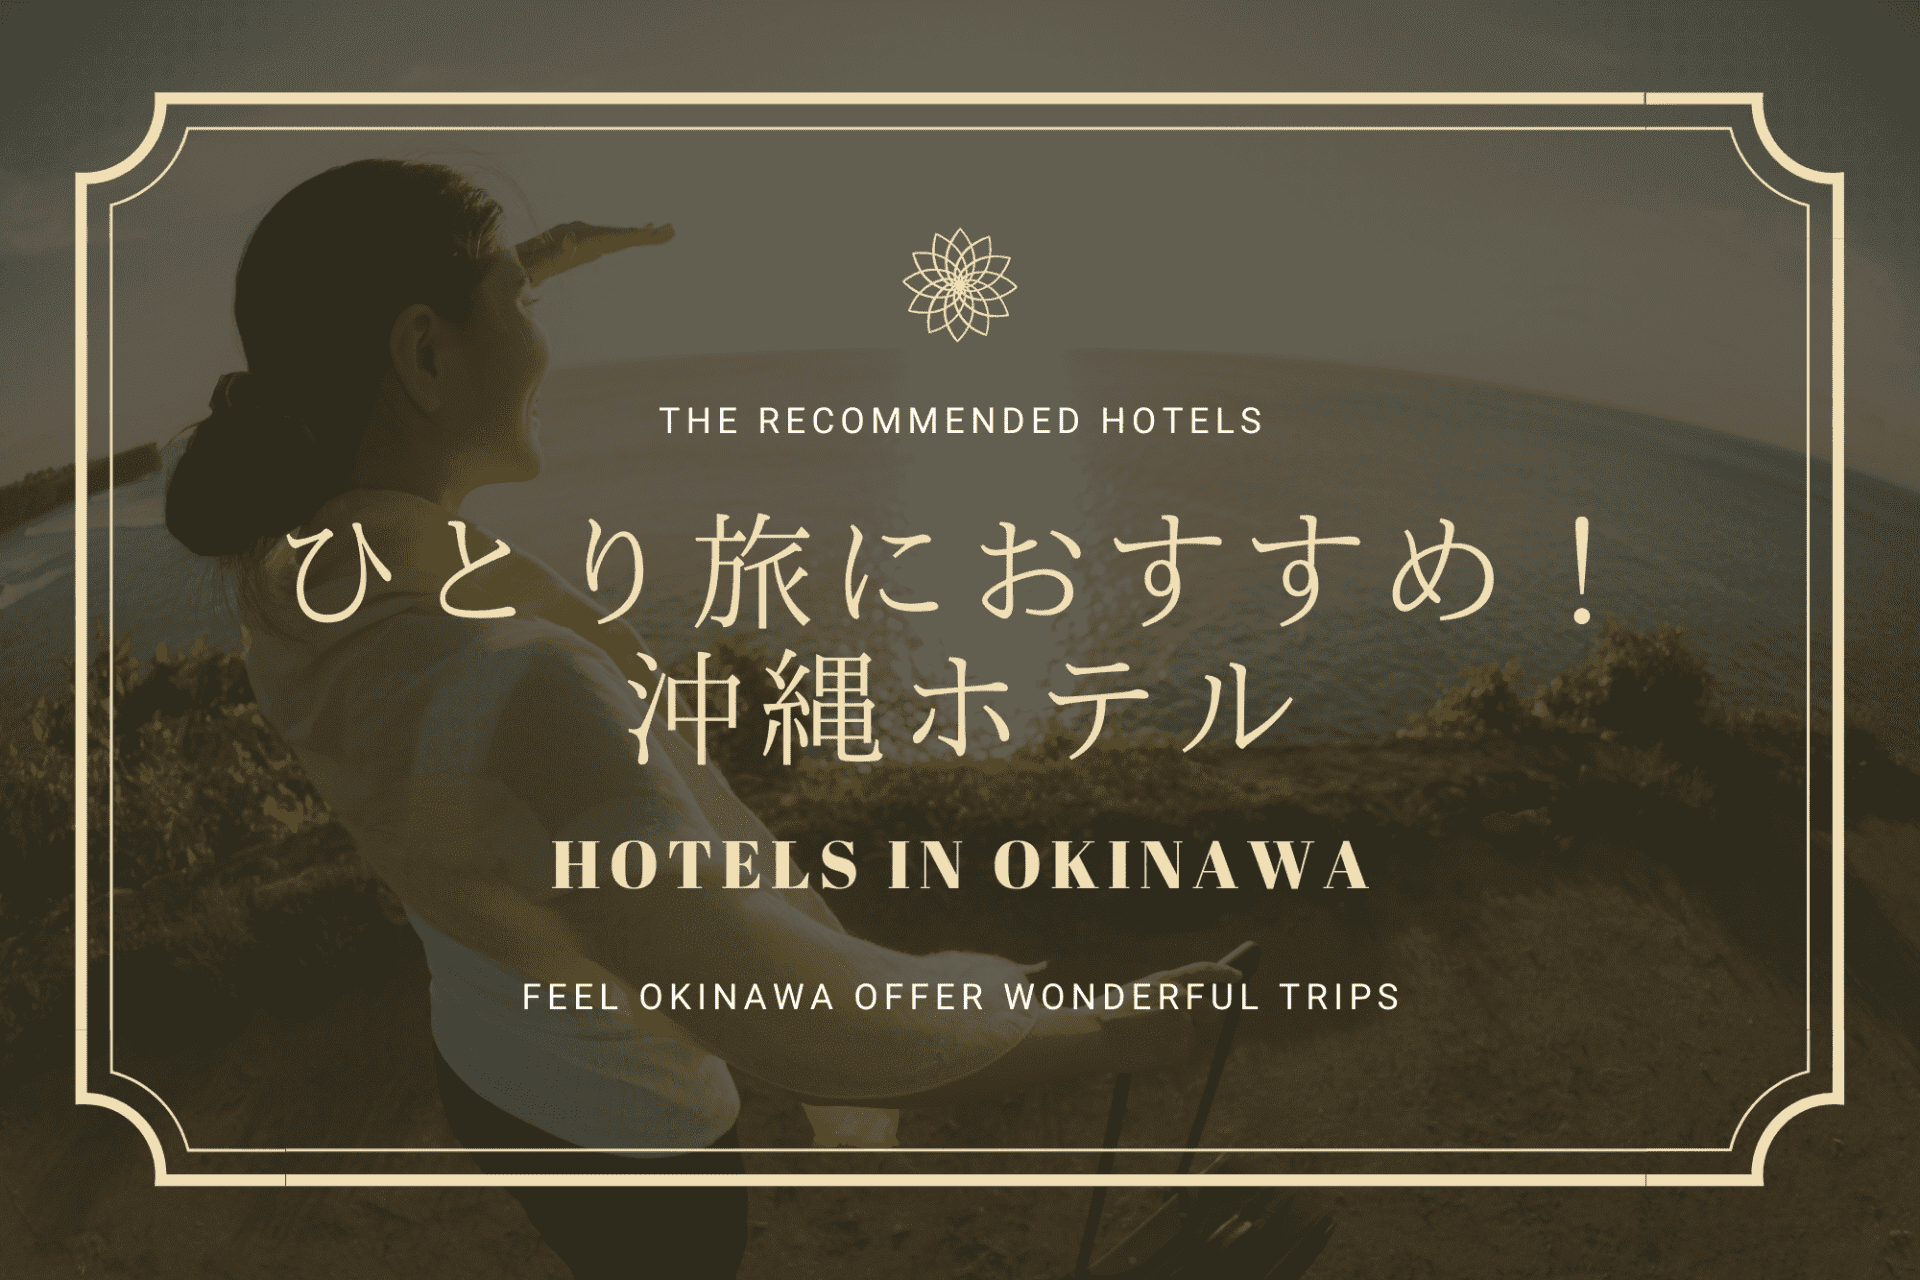 【エリア別】ひとり旅におすすめ!沖縄ホテル